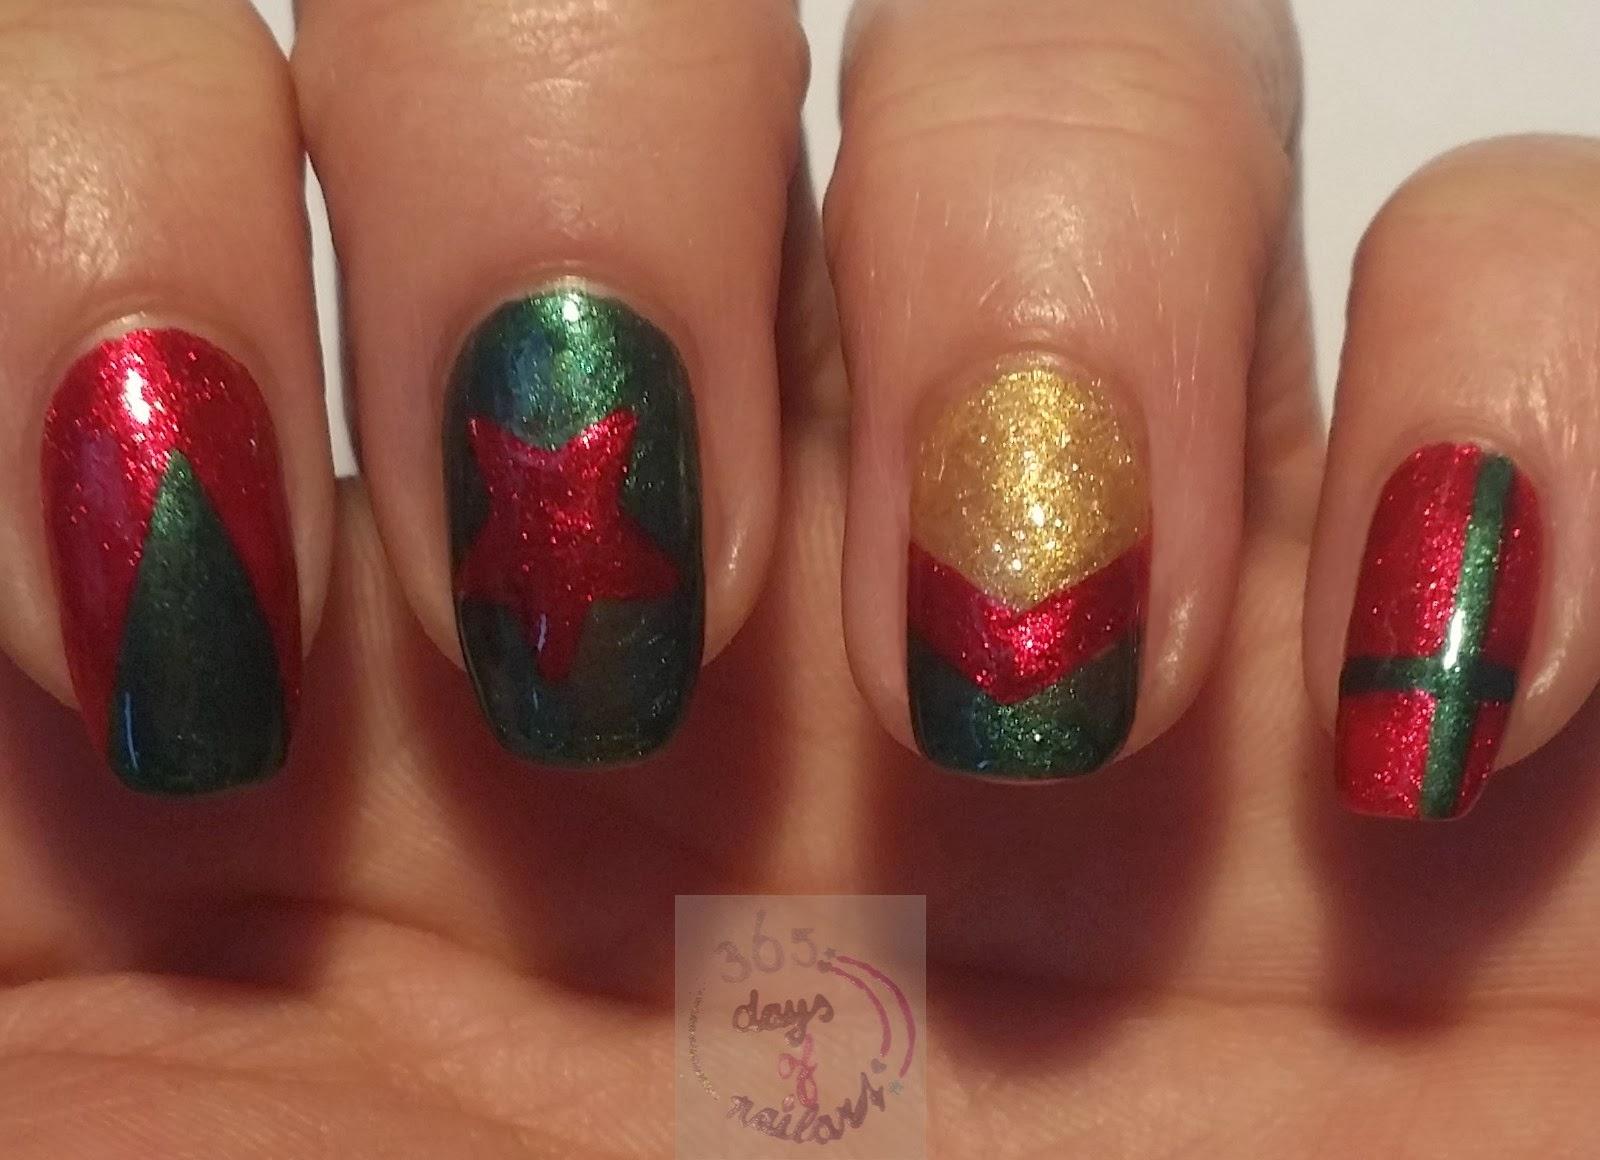 365+ days of nail art: Day 336) Easy velvet Christmas nails